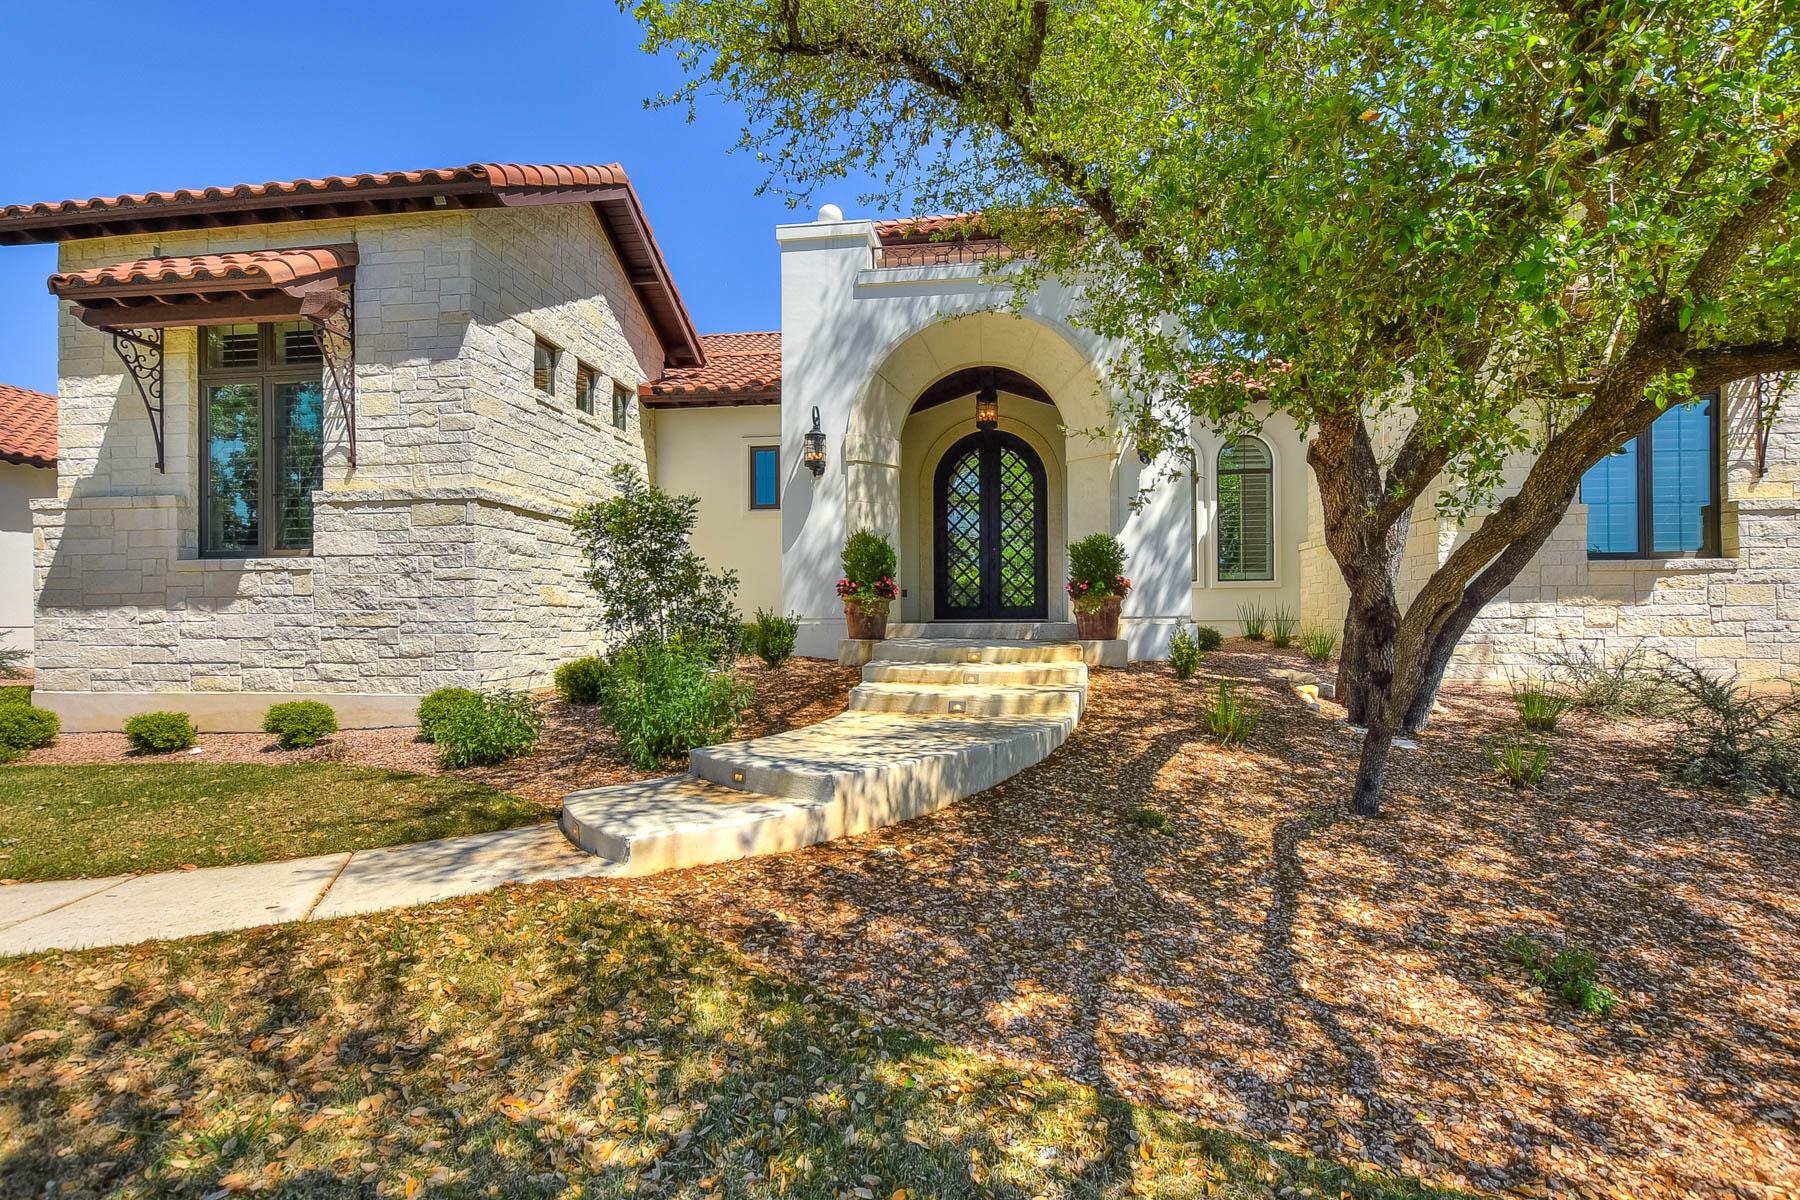 一戸建て のために 売買 アット Santa Barbara Style Home in Huntington at Shavano 218 Wellesley Landing Shavano Park, テキサス, 78231 アメリカ合衆国